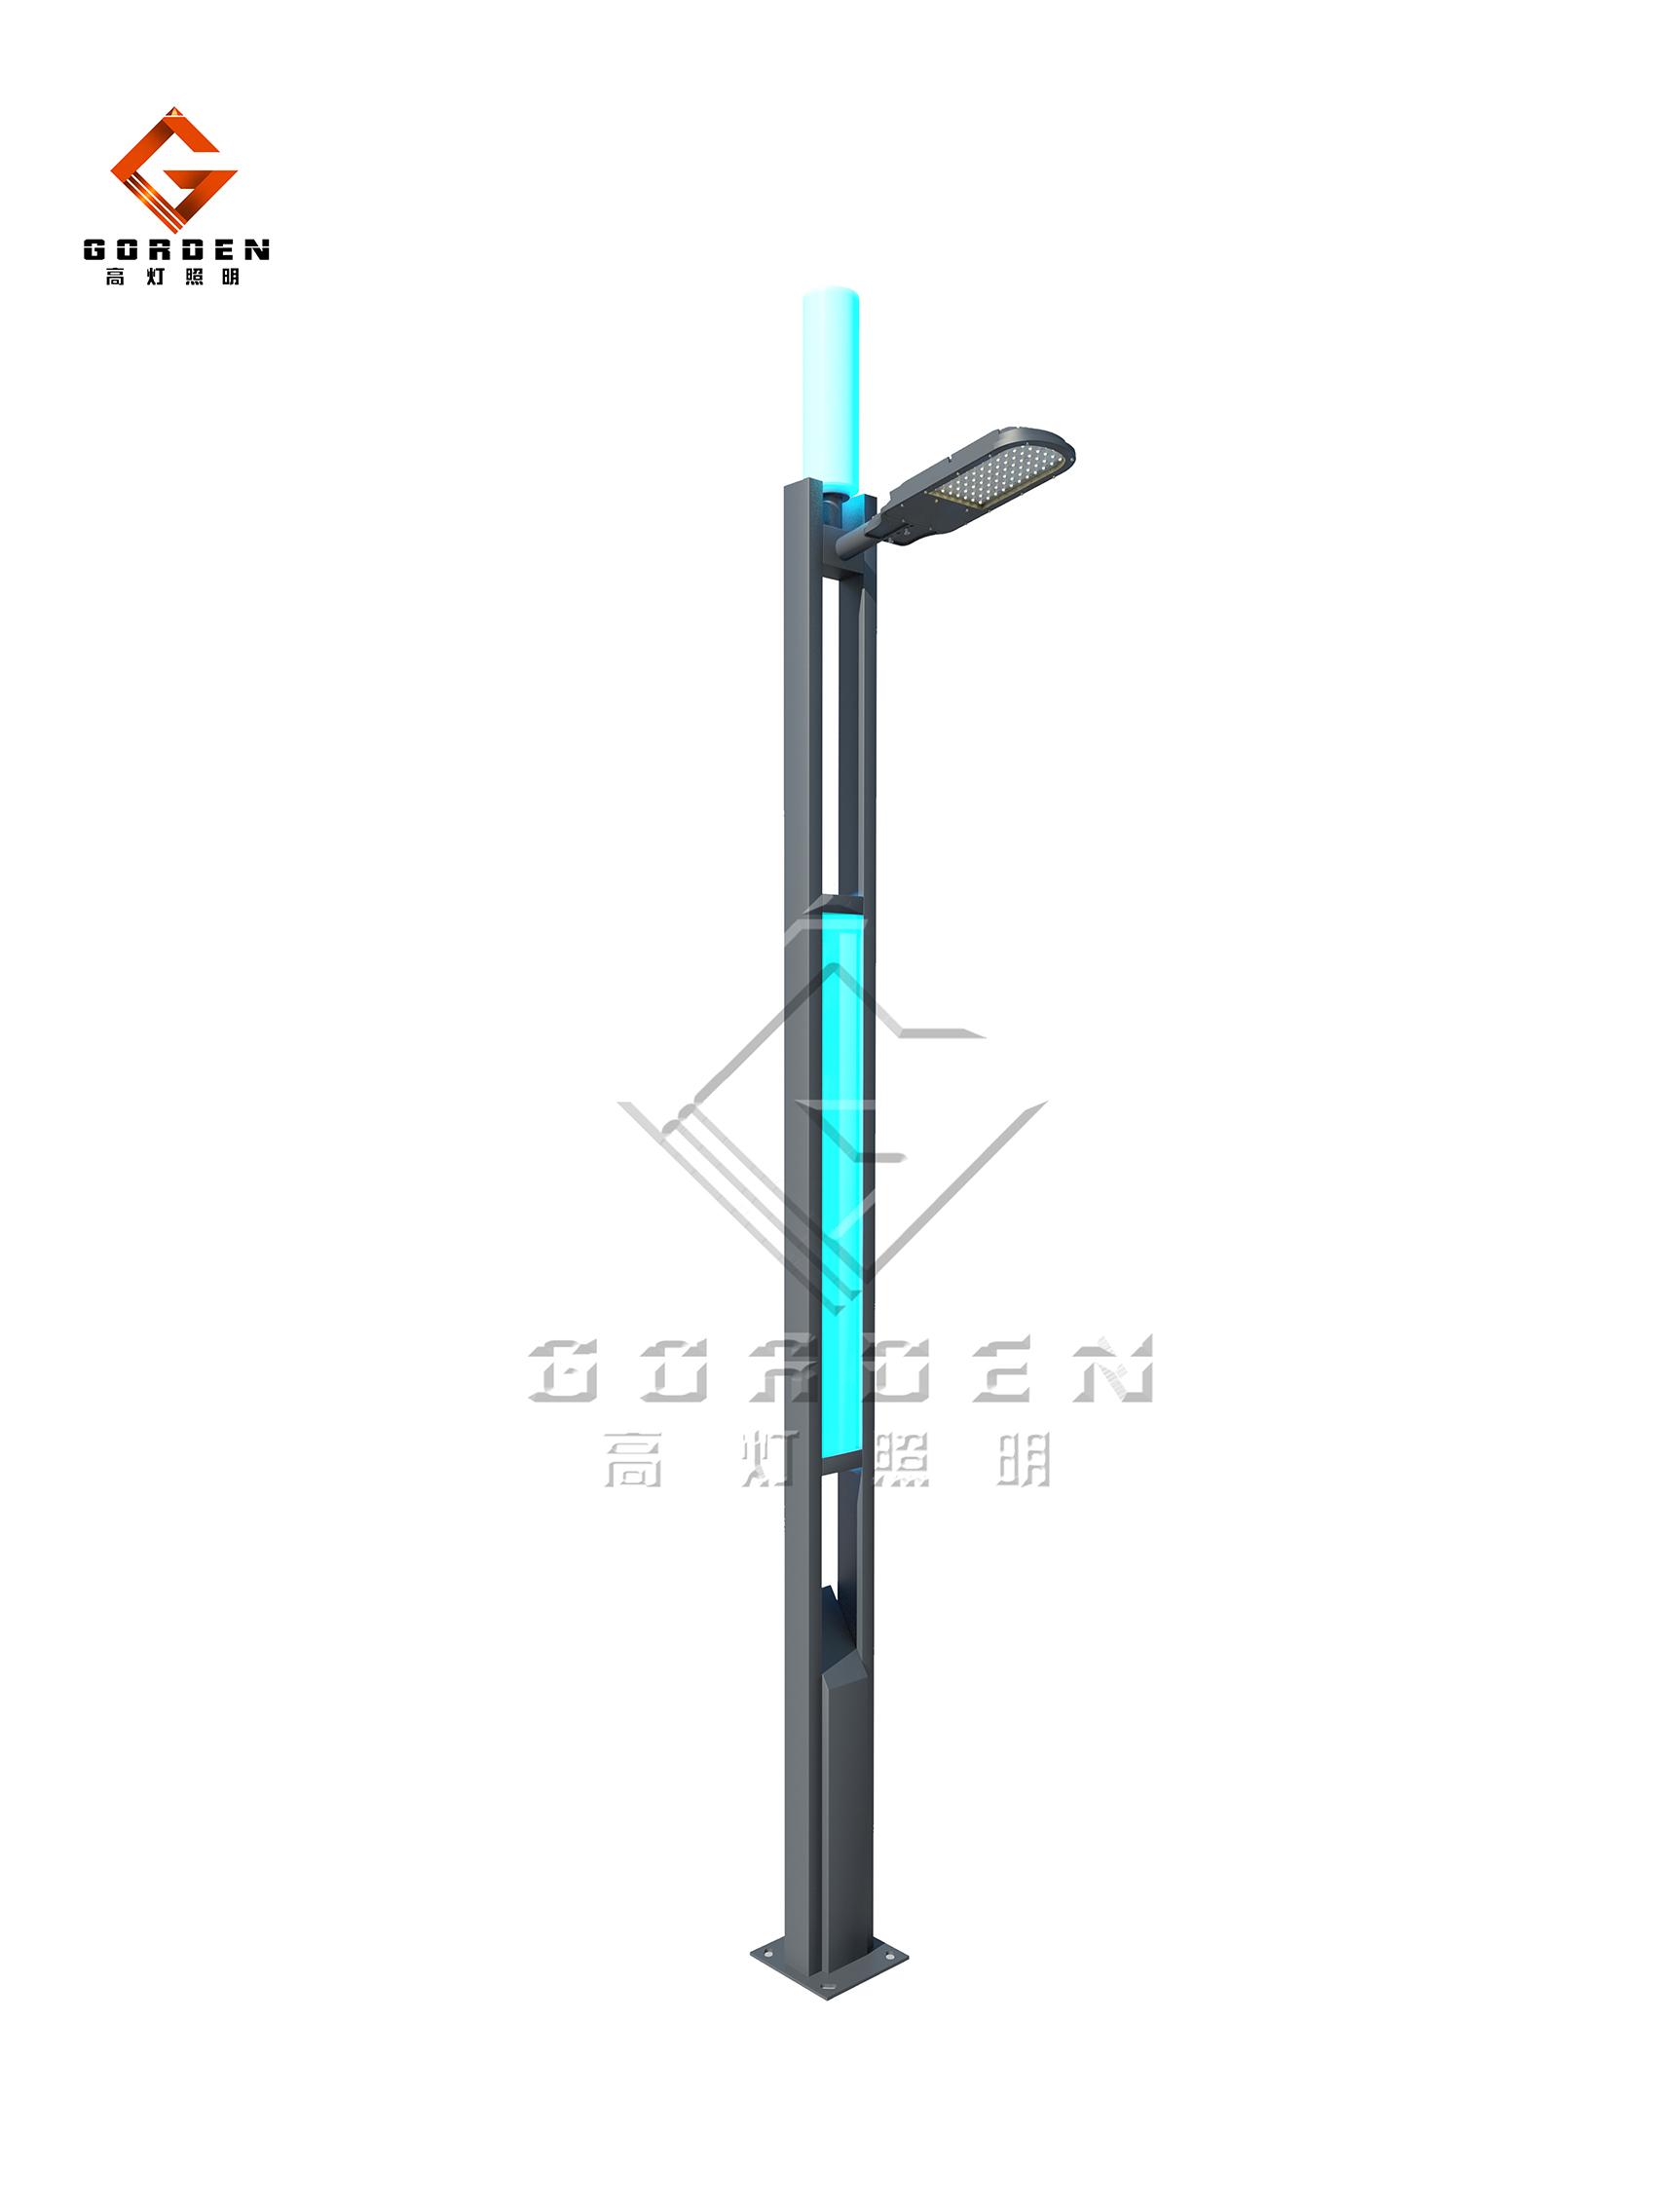 北京GD-X012 LED现代路灯